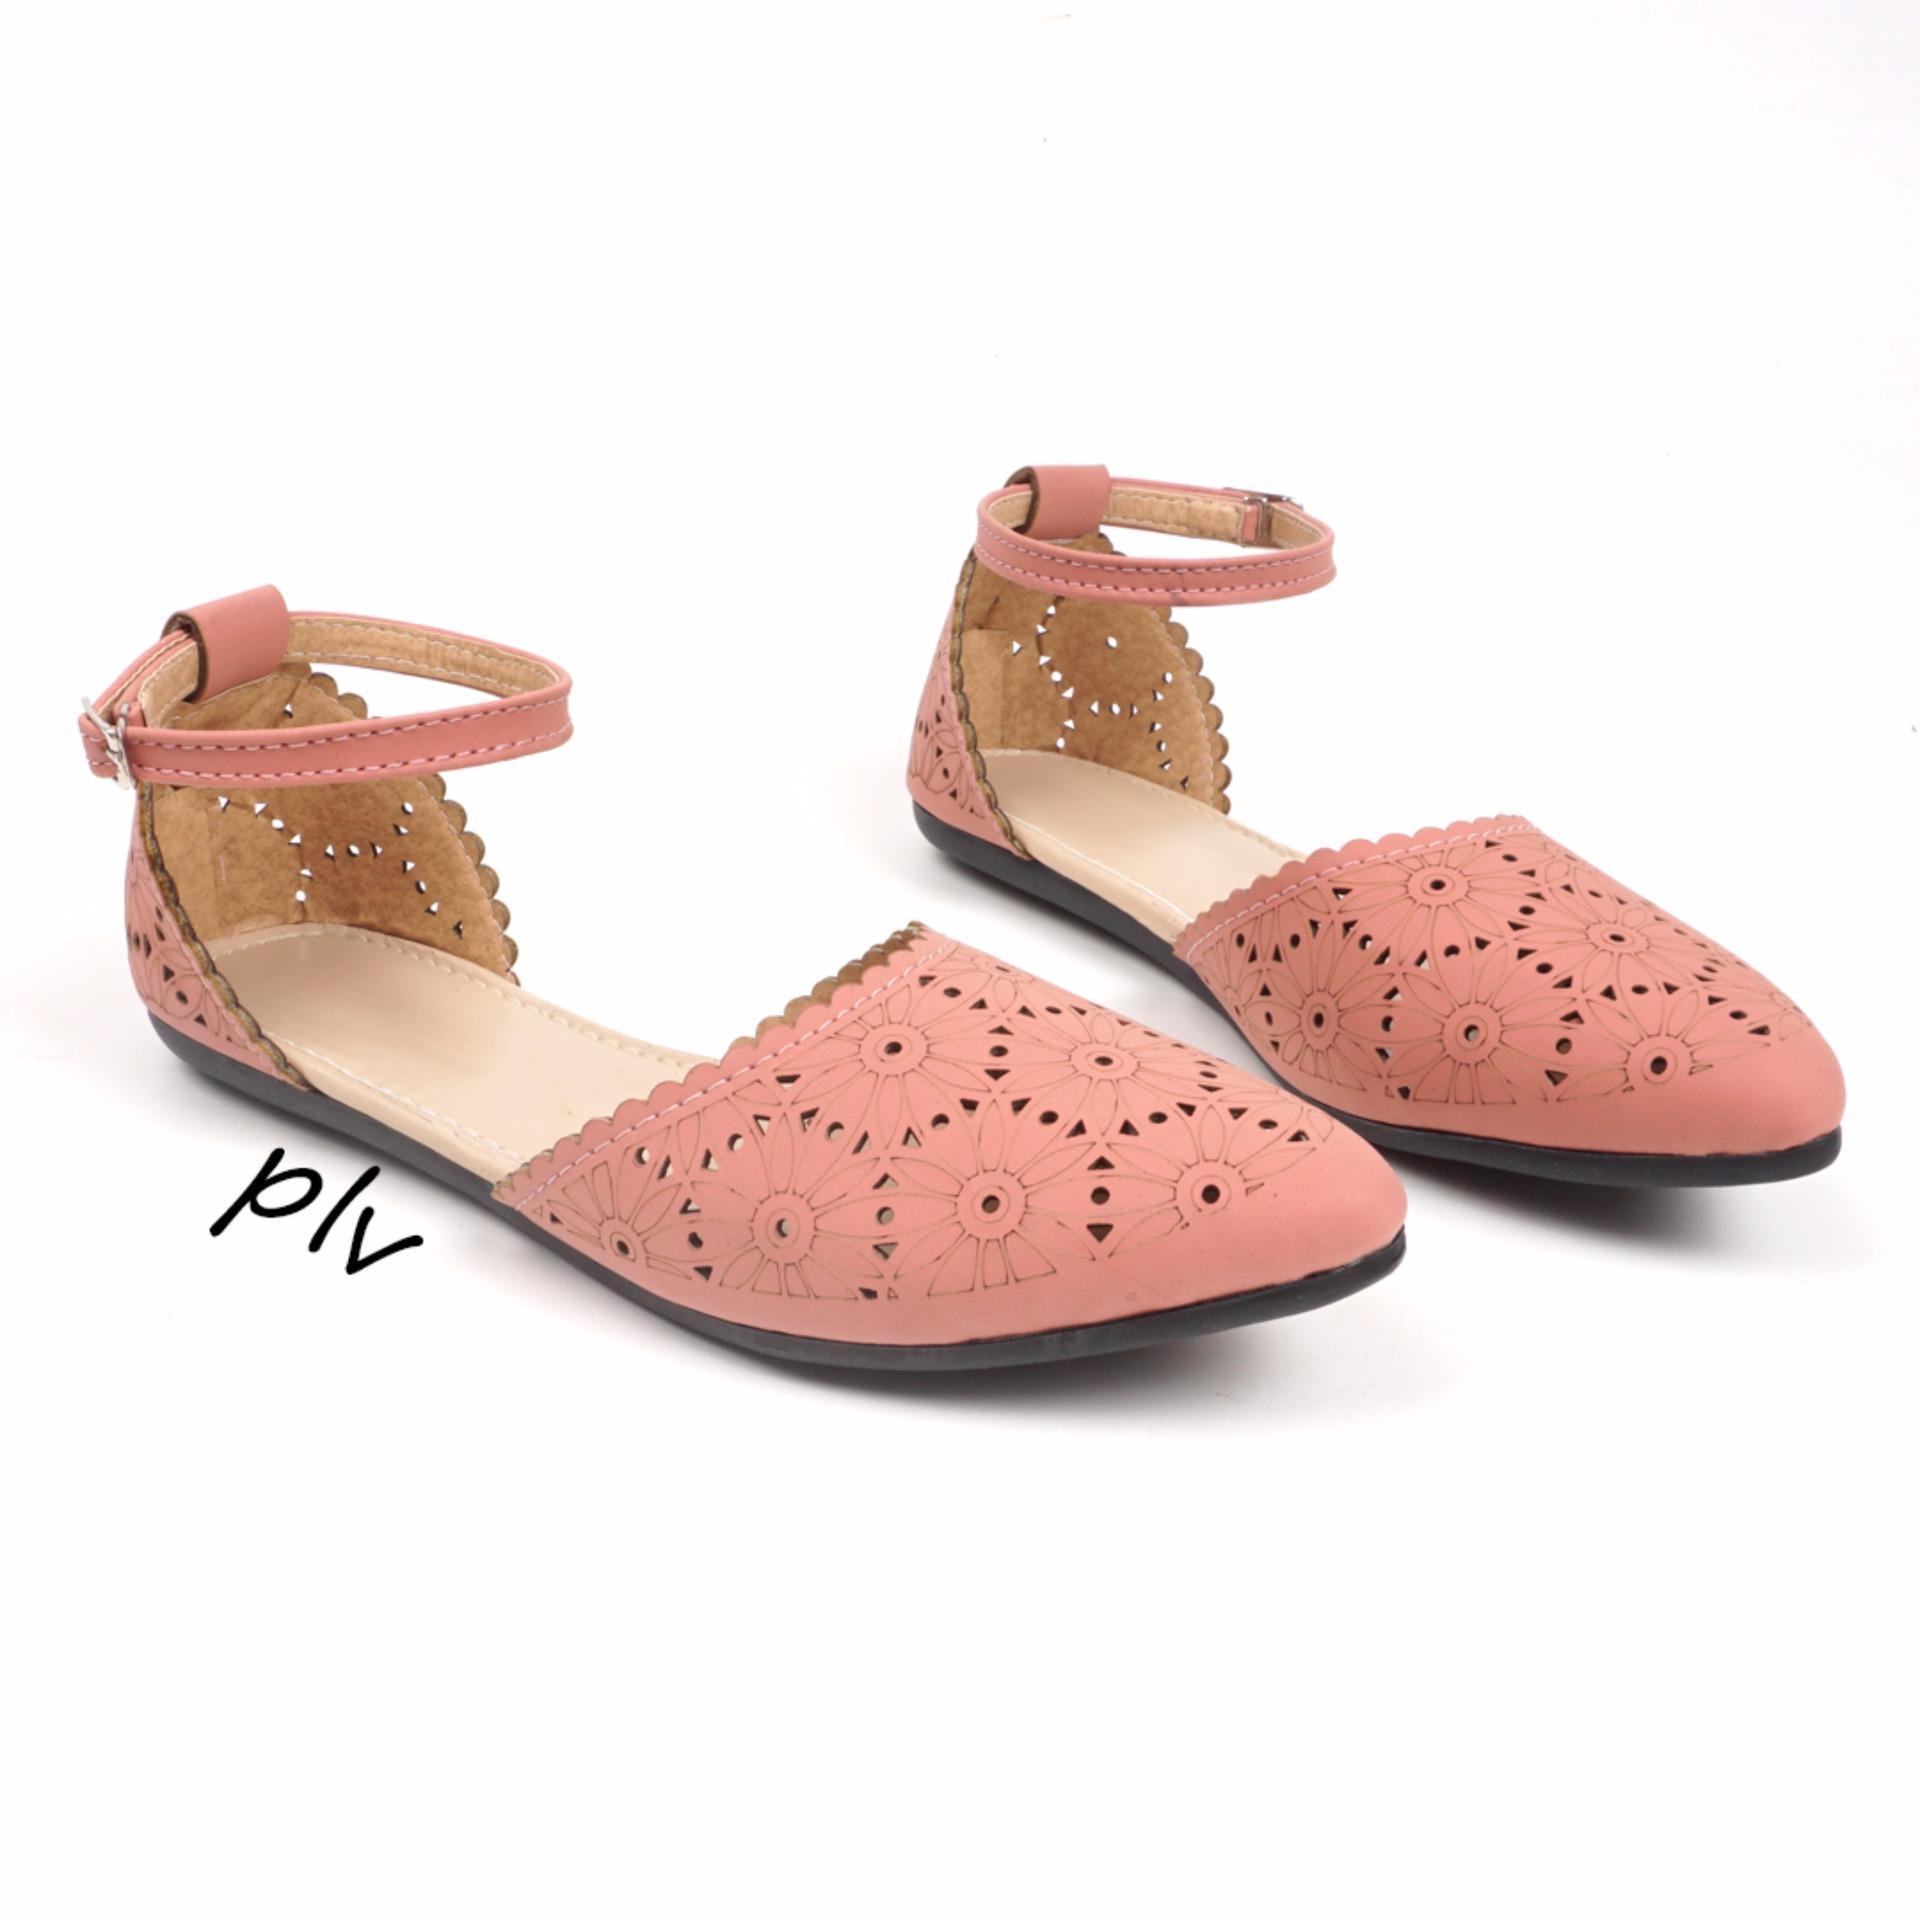 Nana Blanche Sabina Sepatu Flat Premium Sepatu Kerja Wanita 1155 Source Lynn Phantofel Sepatu Kerja.